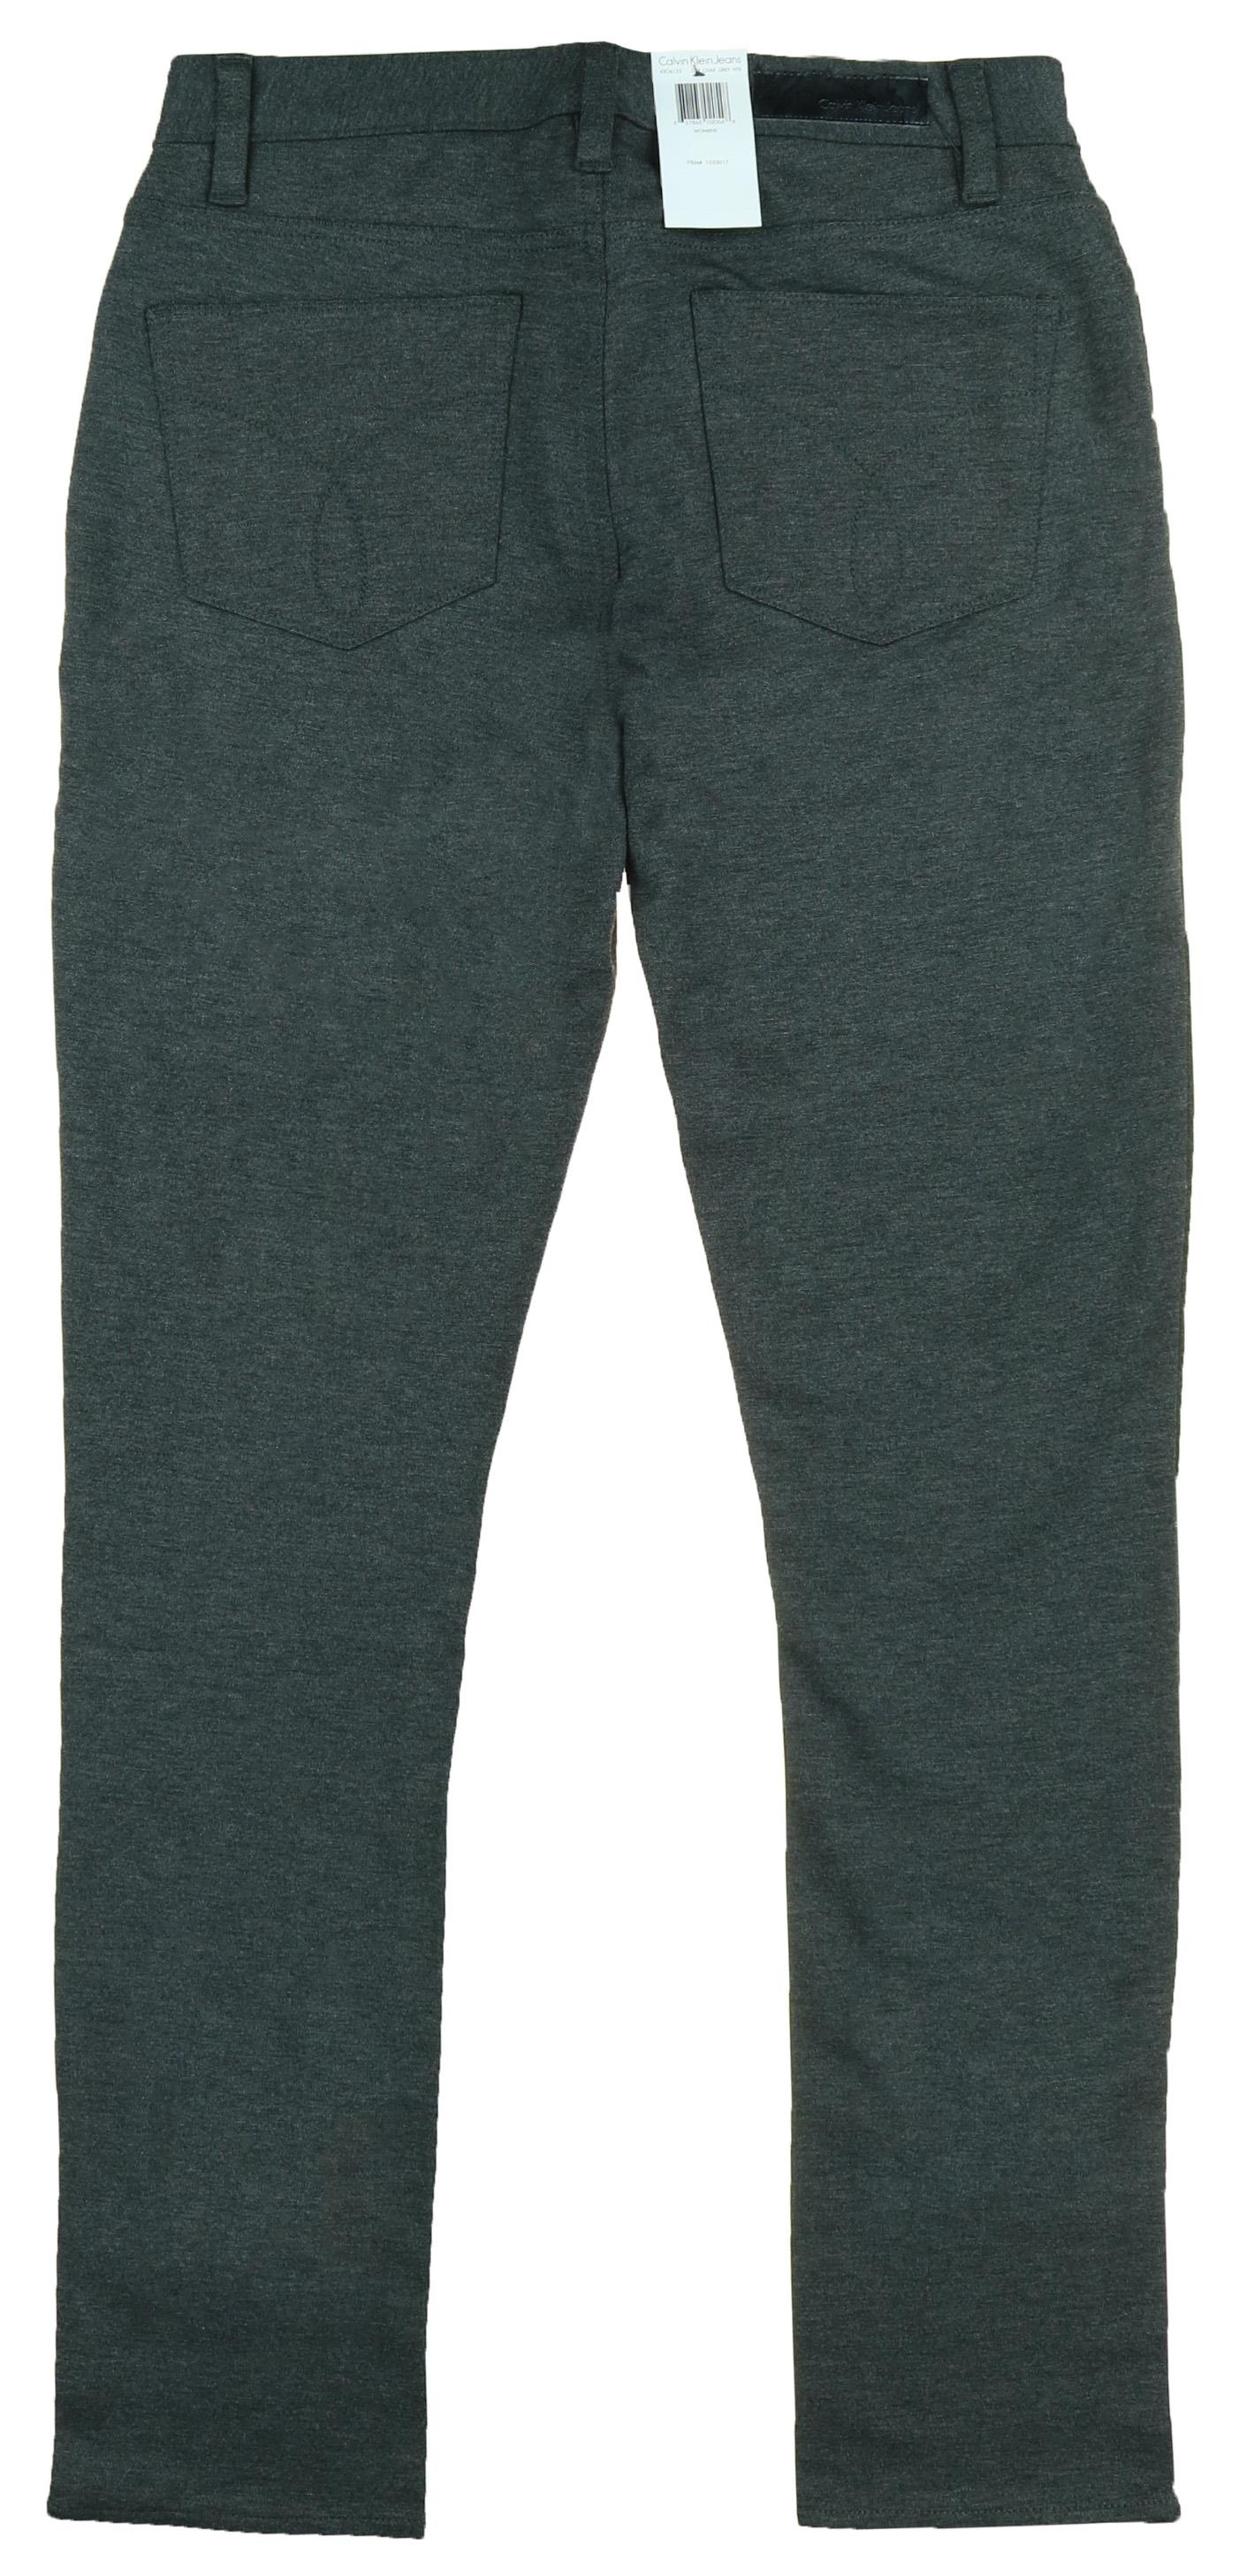 b0818d52e9a59 Calvin Klein Jeans Women's 5 Pocket Ponte Legging Charcoal Gray ...